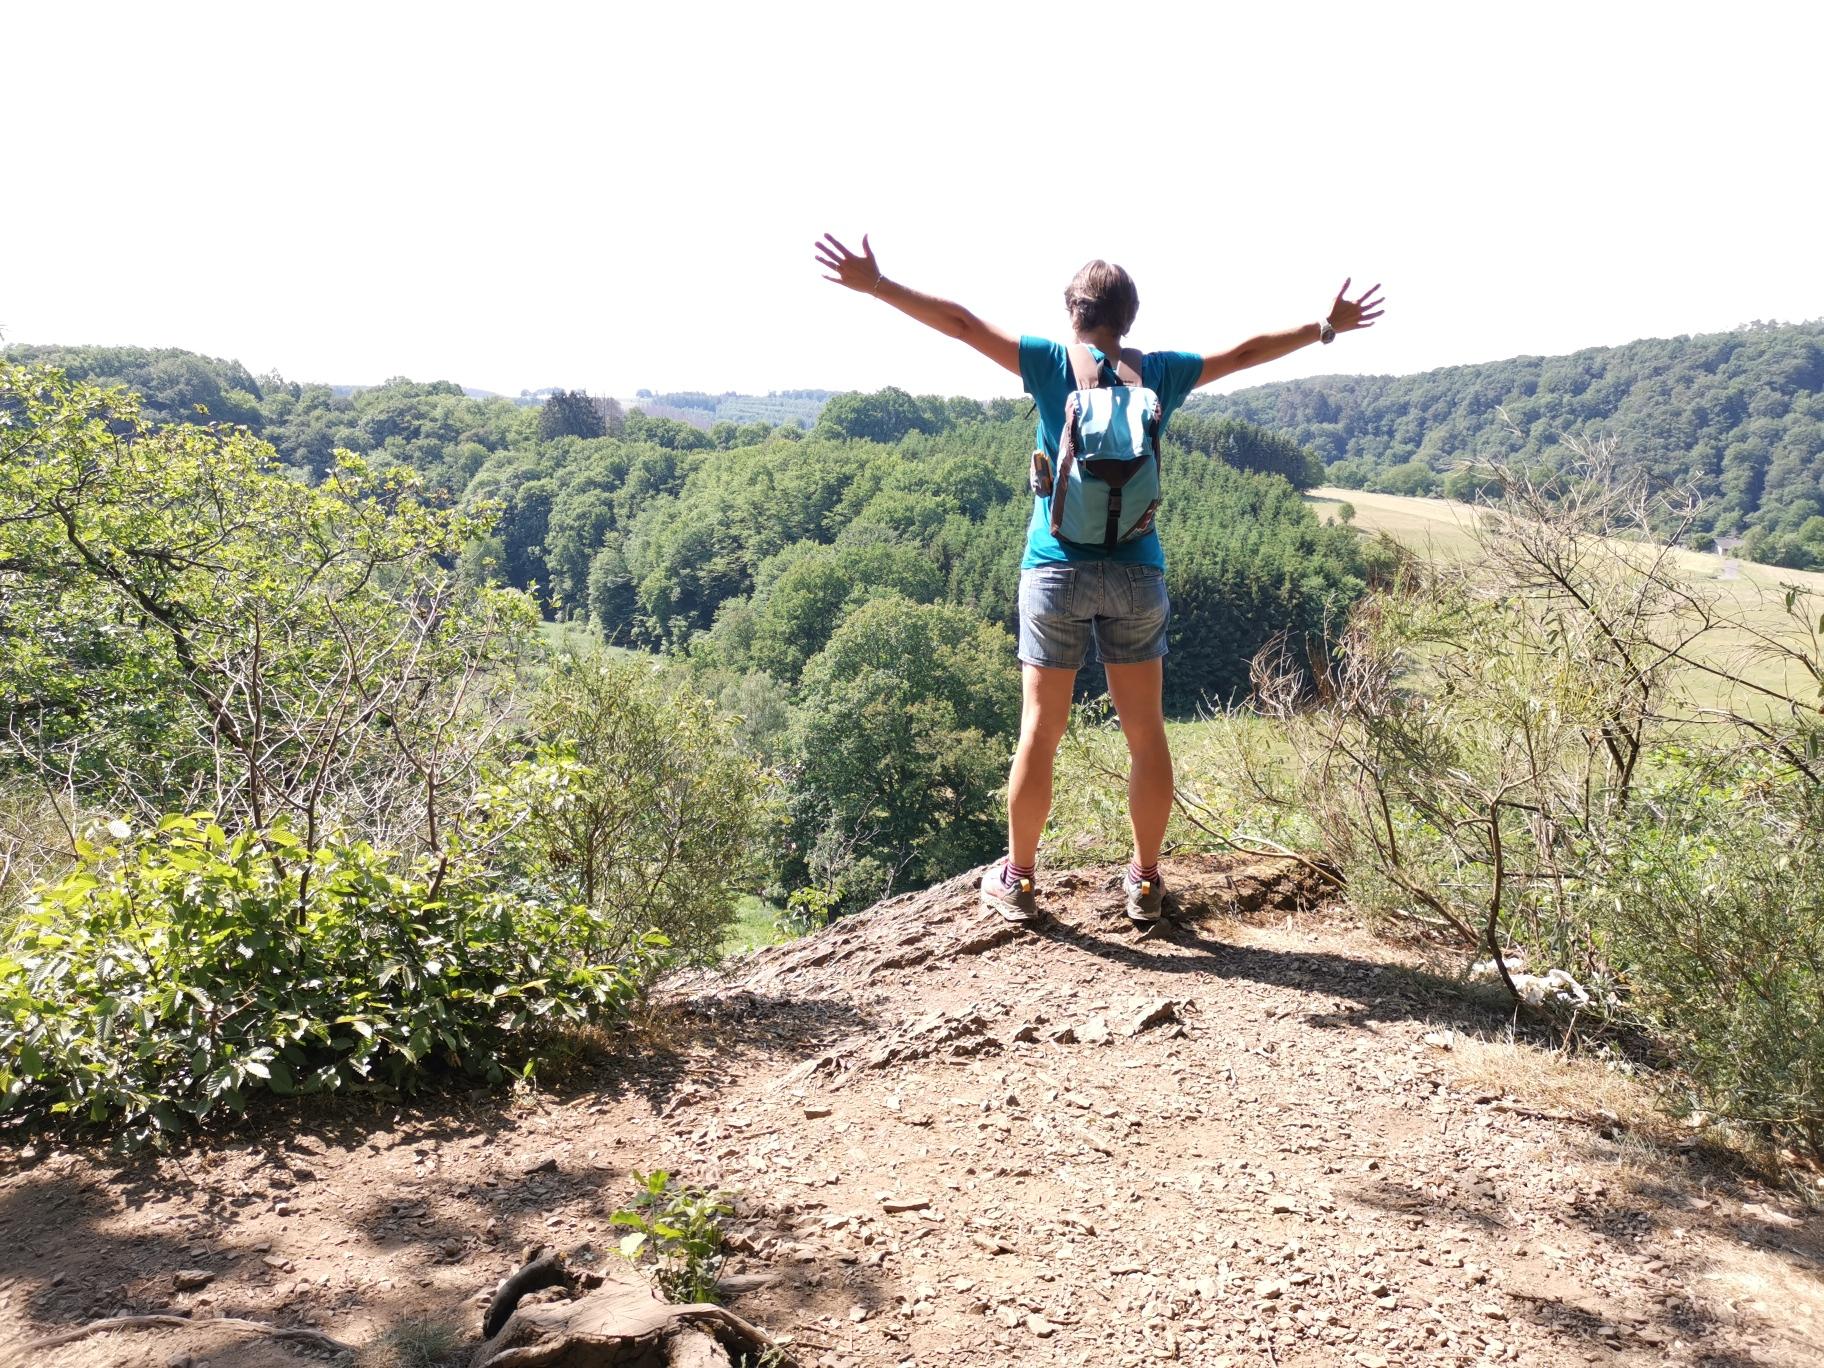 Super toller Wanderweg bei bestem Wetter.  Hier mein Foto fürs Gipfelbuch  Gruss Sandra 03.06.2020 11:24